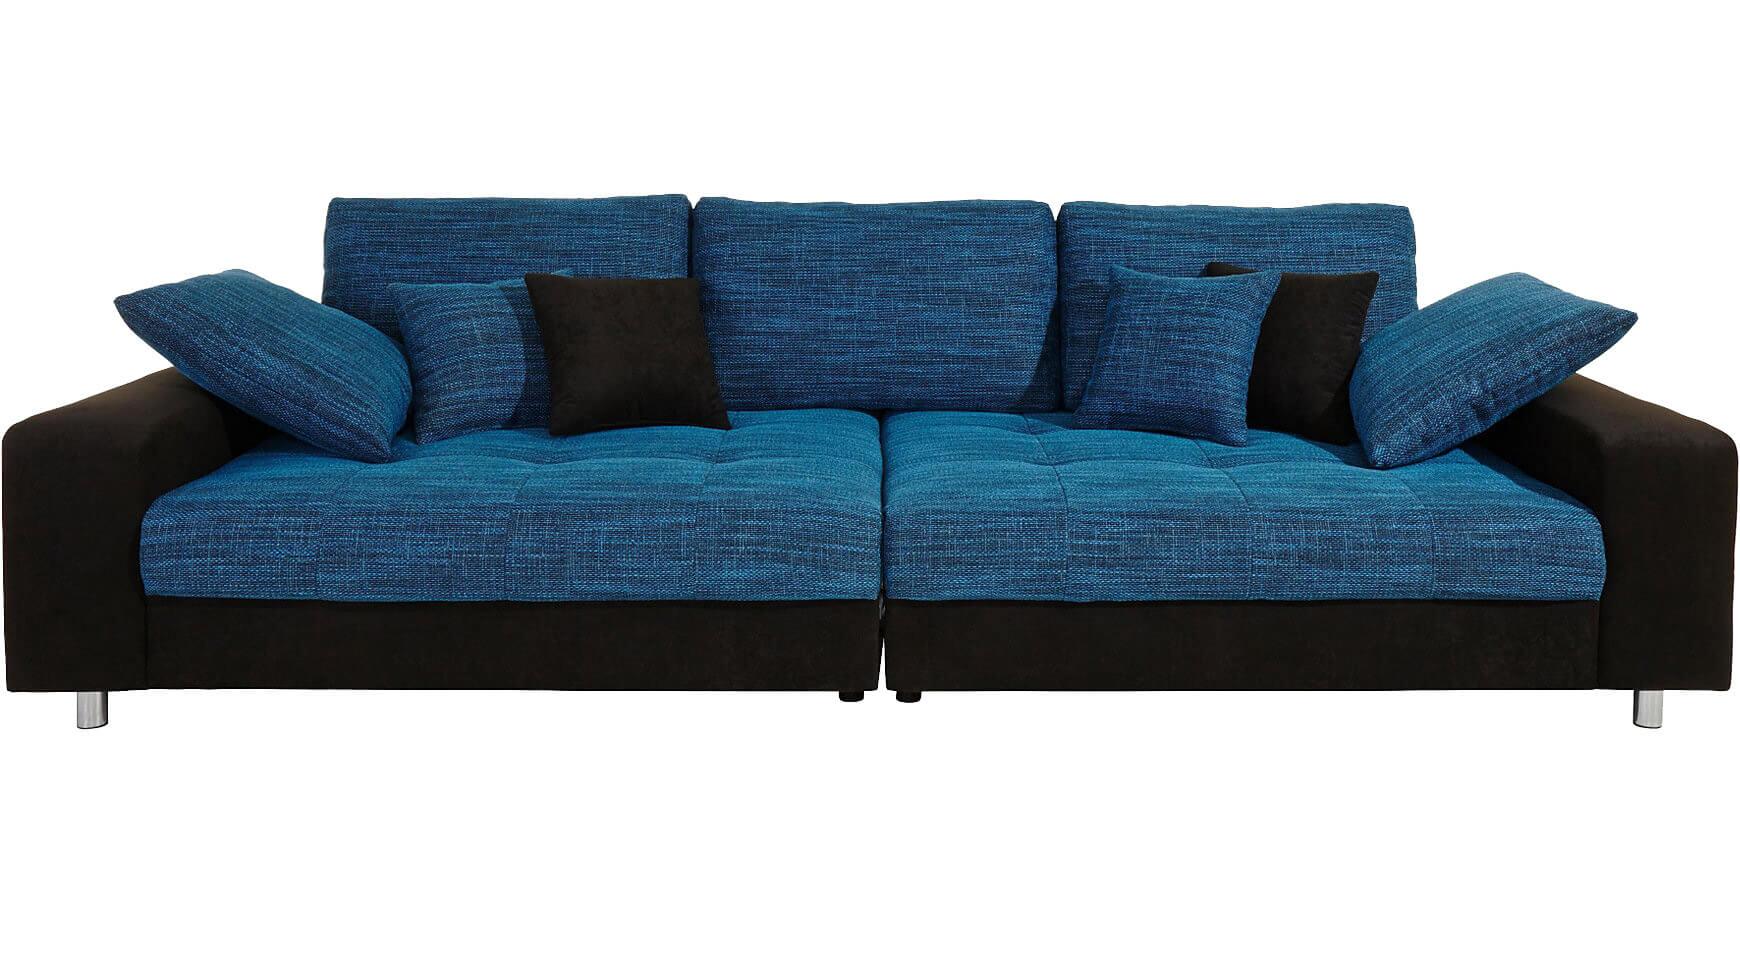 Full Size of Big Sofa Leder Xxl Couch Extragroe Sofas Bestellen Bei Cnouchde Türkis U Form Rund Weiß Mit Relaxfunktion 3 Sitzer Dauerschläfer Barock Grau Antikes Sofa Big Sofa Leder